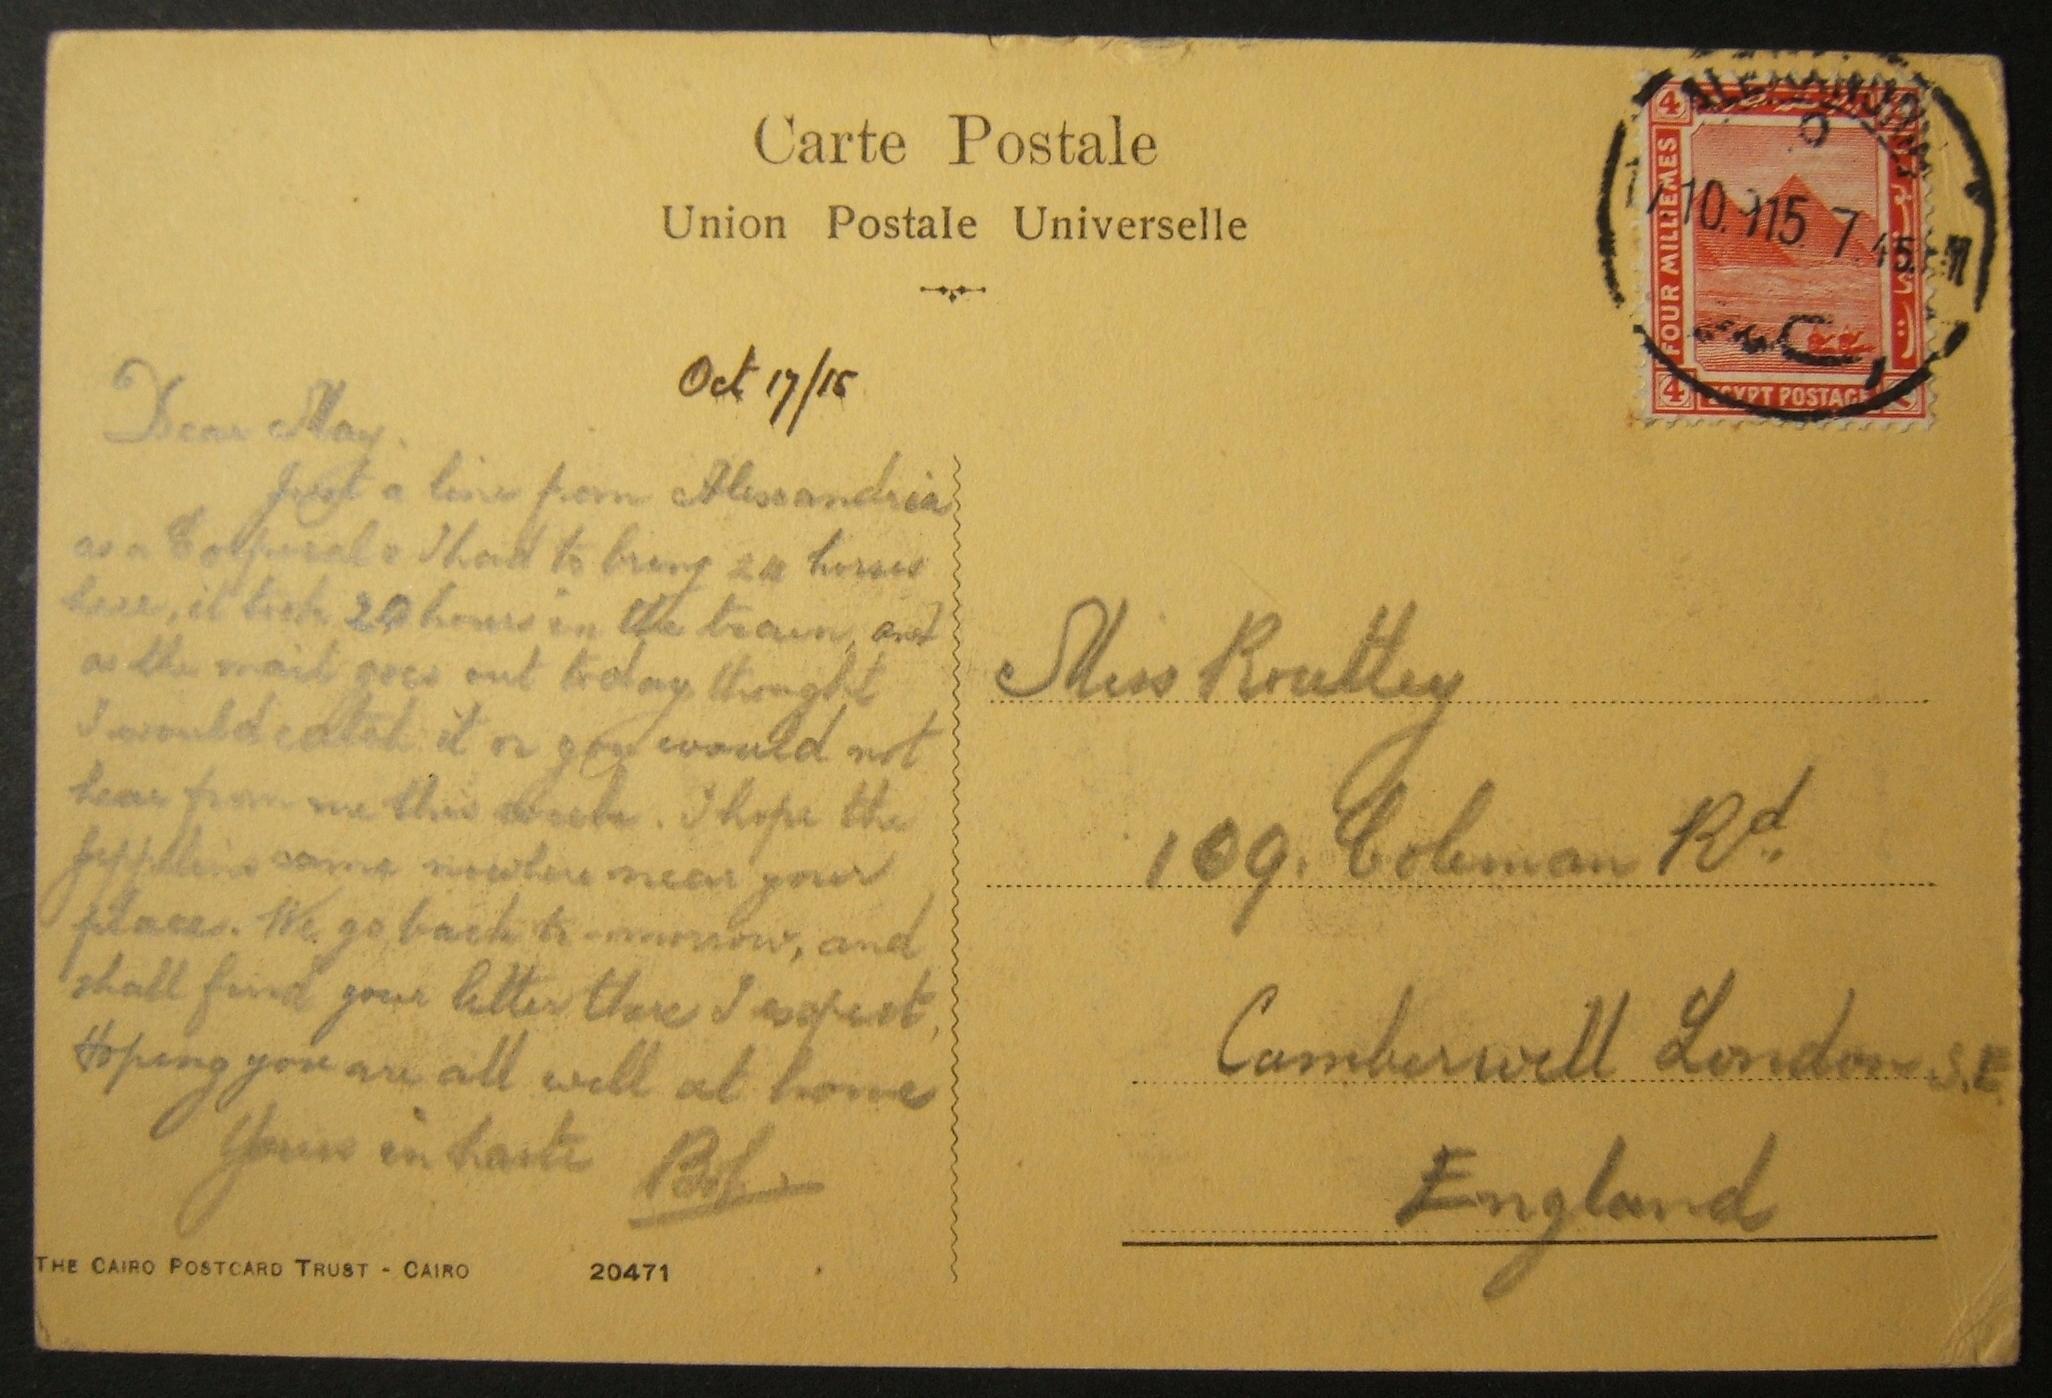 10/1915 تم إرسال بريد إلكتروني بريطاني تم إرساله بالبريد الإلكتروني عبر البريد المصري ، مع آخر رسالة بريدية مؤرخة